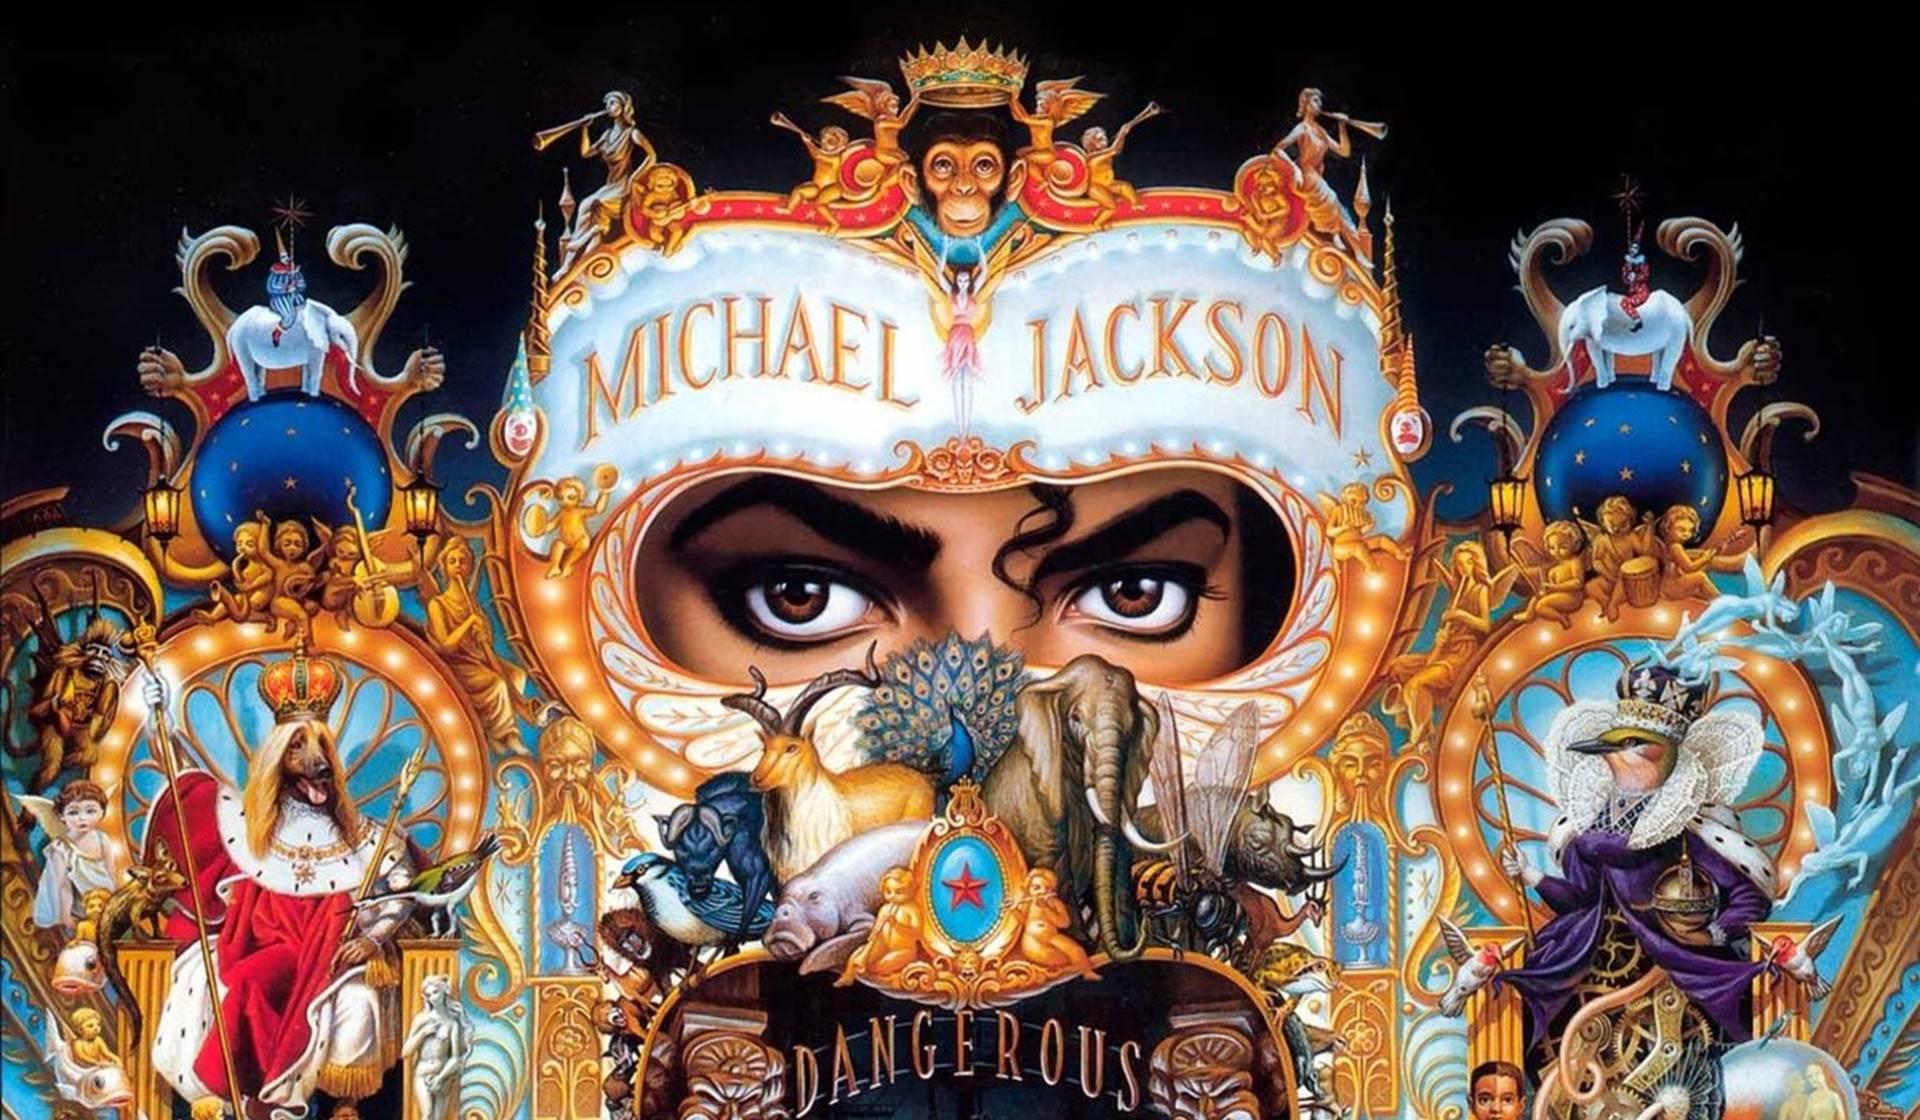 30 años de 'Dangerous', una mezcla explosiva del rey del Pop